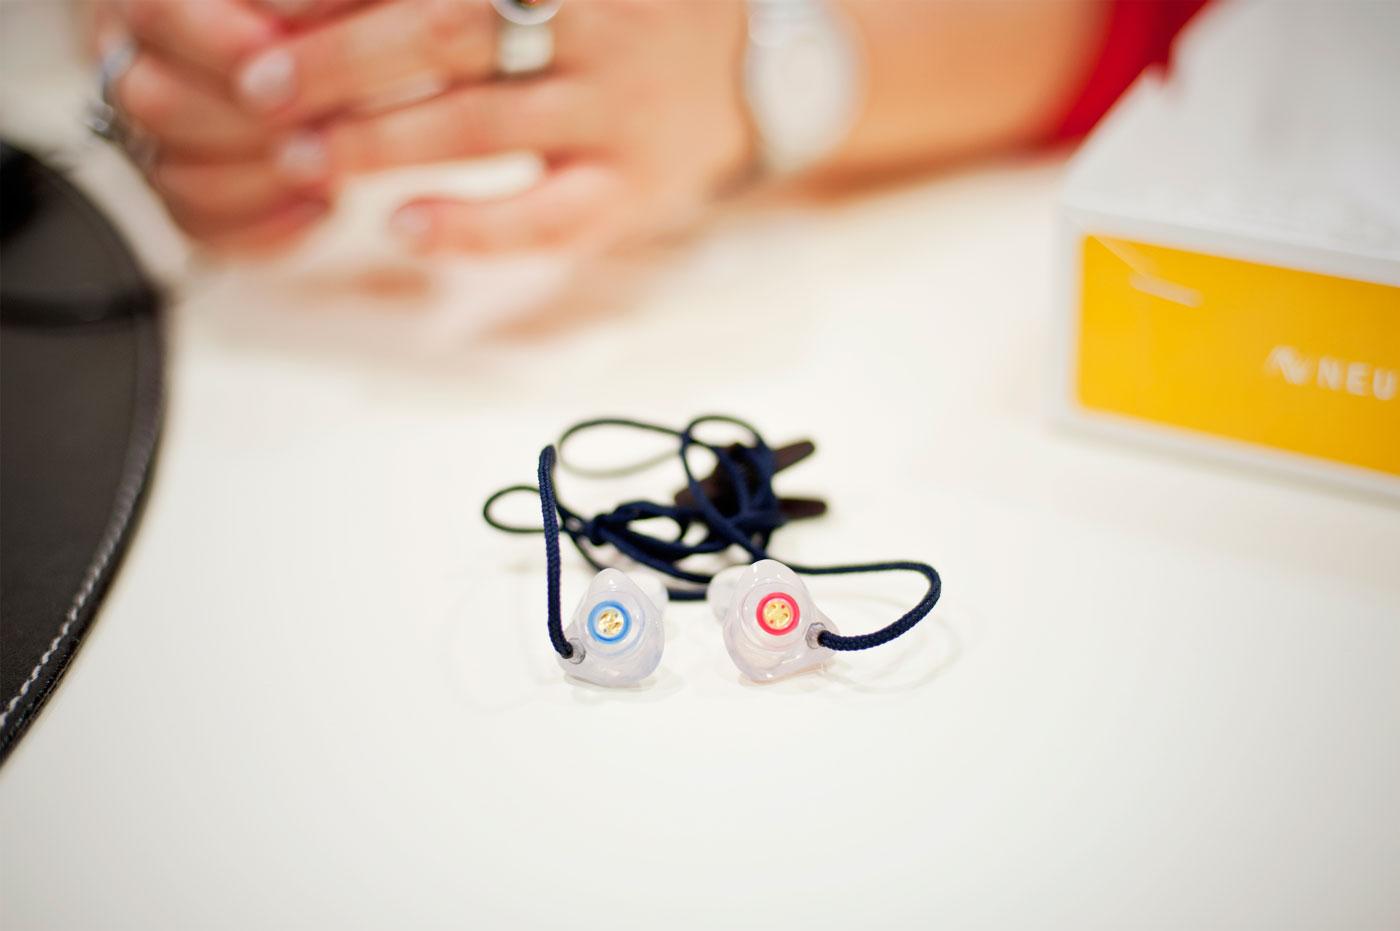 Neuroth-Hörcenter: Keine Angst vor dem Knopf im Ohr